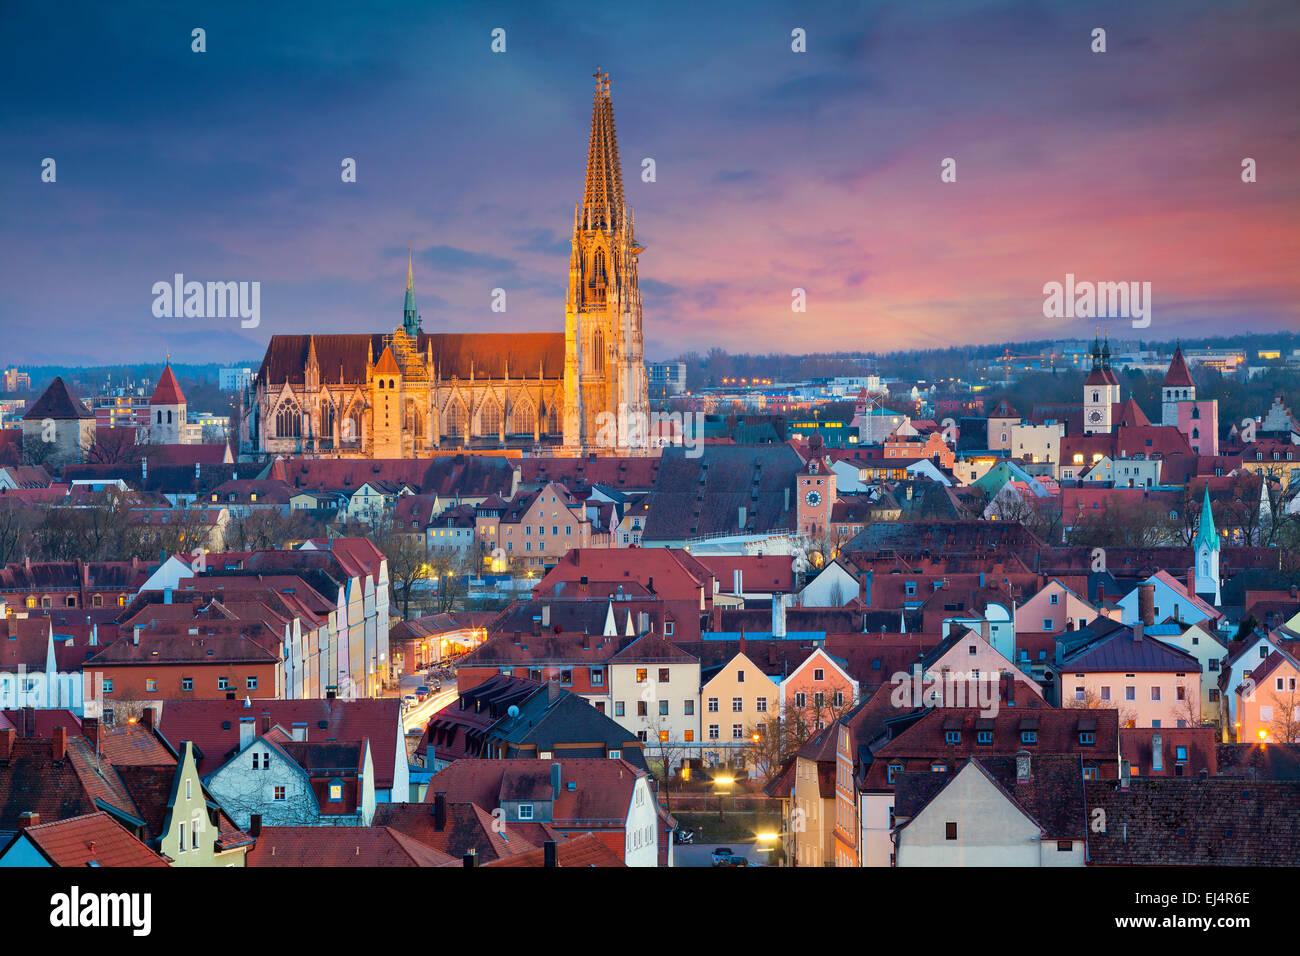 Regensburg. Immagine del patrimonio Unesco e la storica città bavarese di Regensburg. Immagini Stock